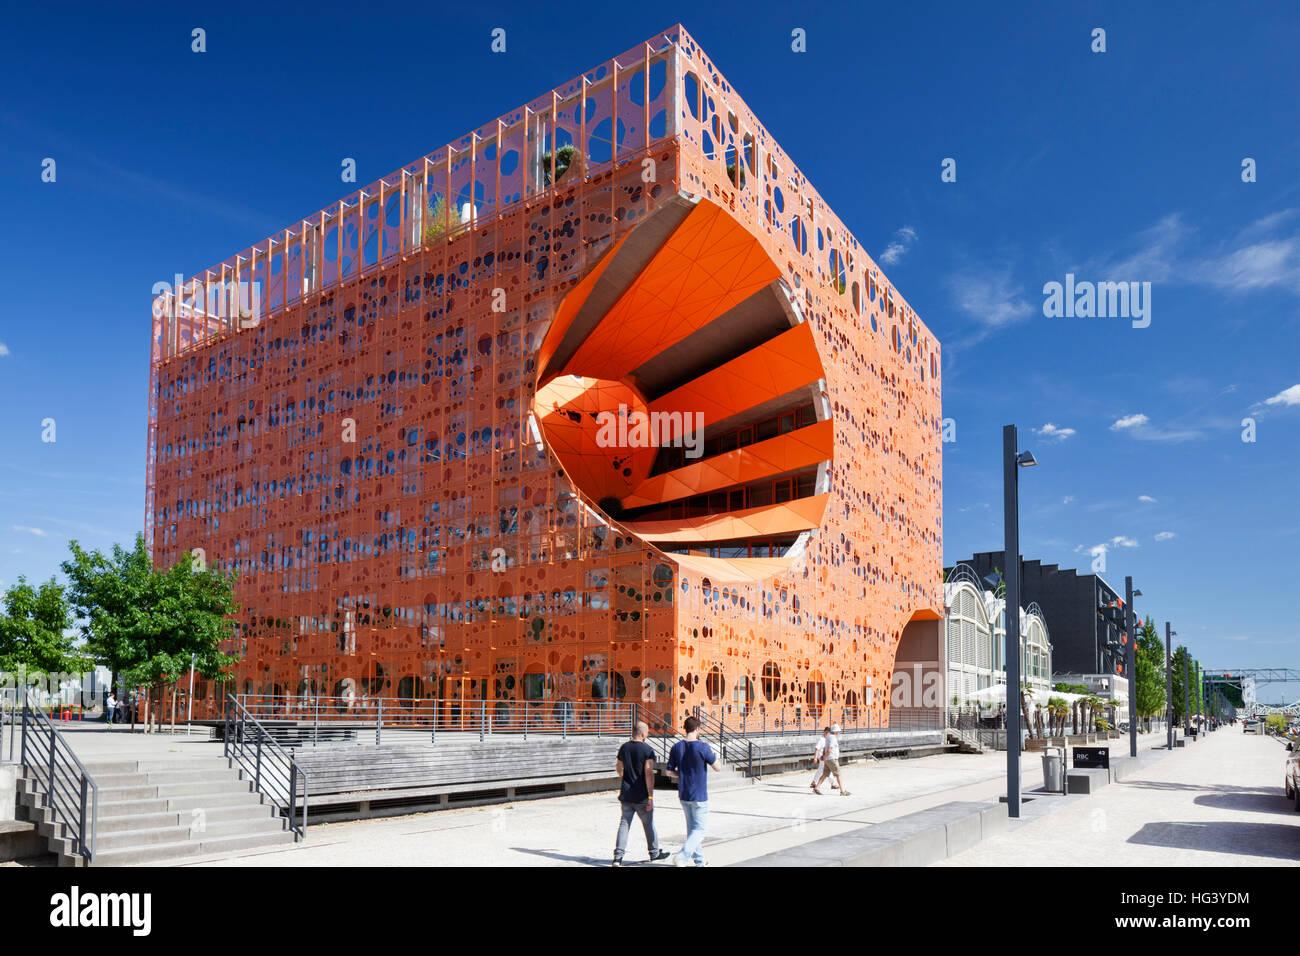 Chat france orange